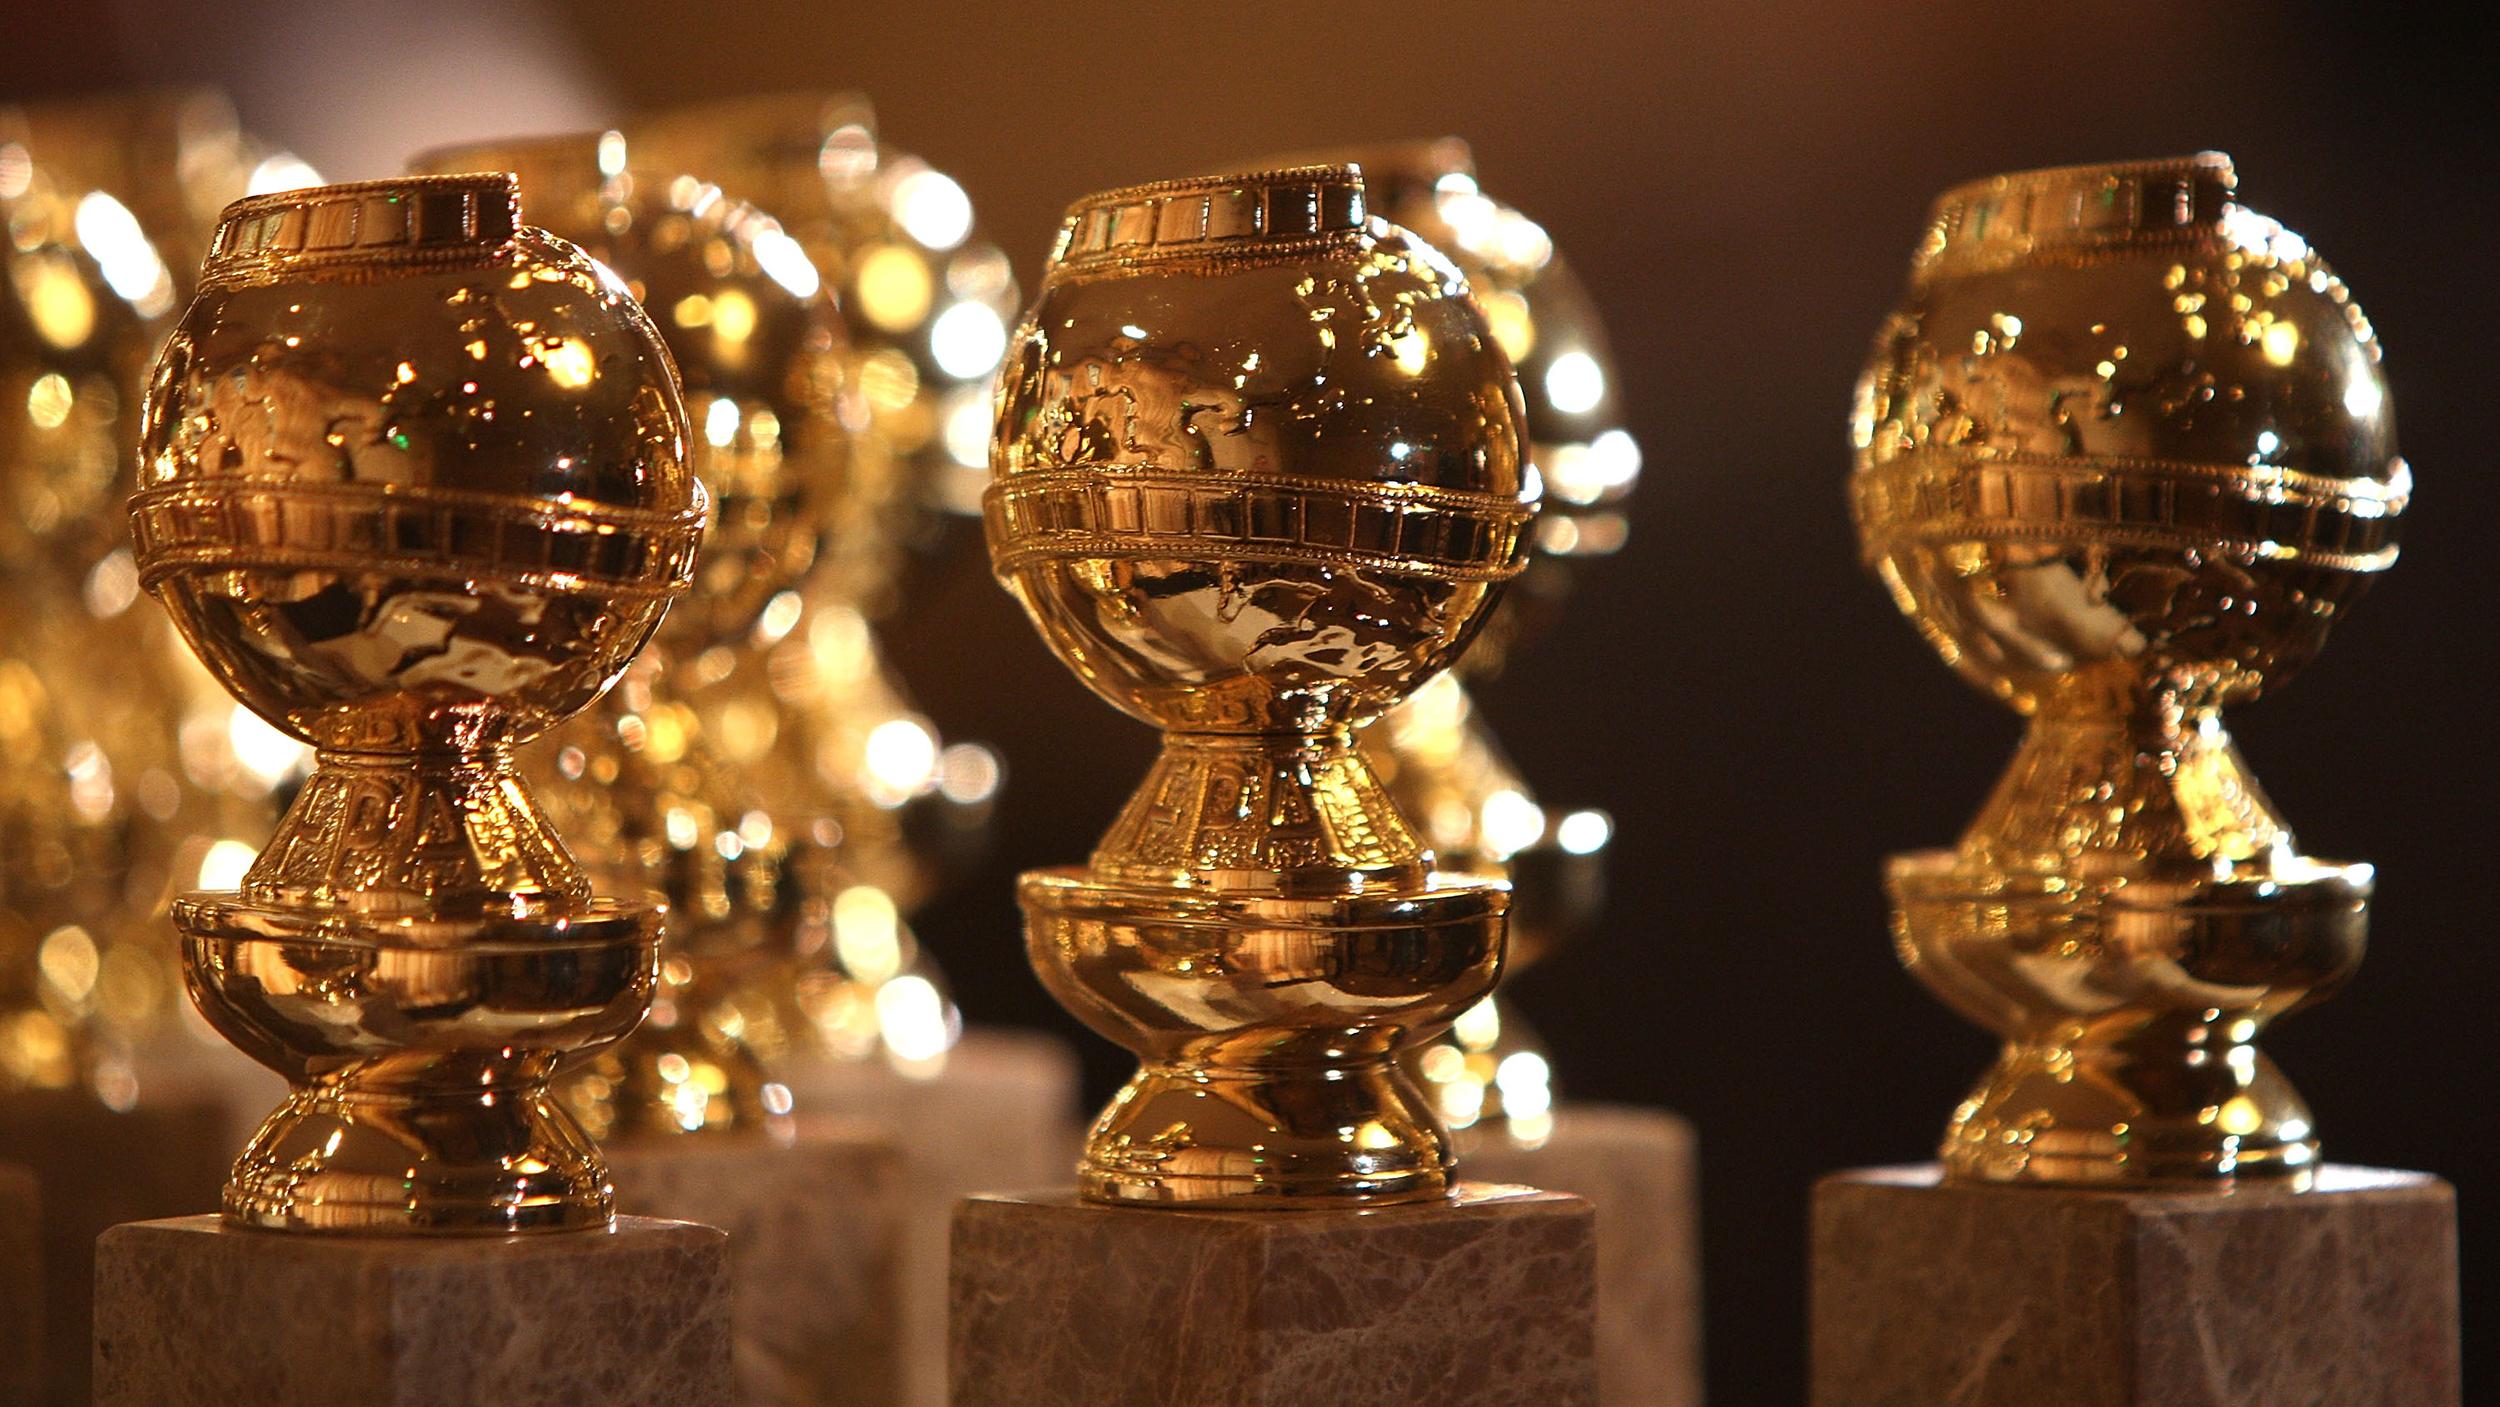 Il premio Golden Globe (Golden Globe Award), detto anche in italiano Globo d'oro, è un riconoscimento assegnato annualmente (durante un pranzo di gala) ai migliori film ed ai programmi televisivi della stagione. Insieme al premio Oscar (per il cinema) ed al premio Emmy (per la televisione), è il maggiore riconoscimento nel settore cinematografico e televisivo.